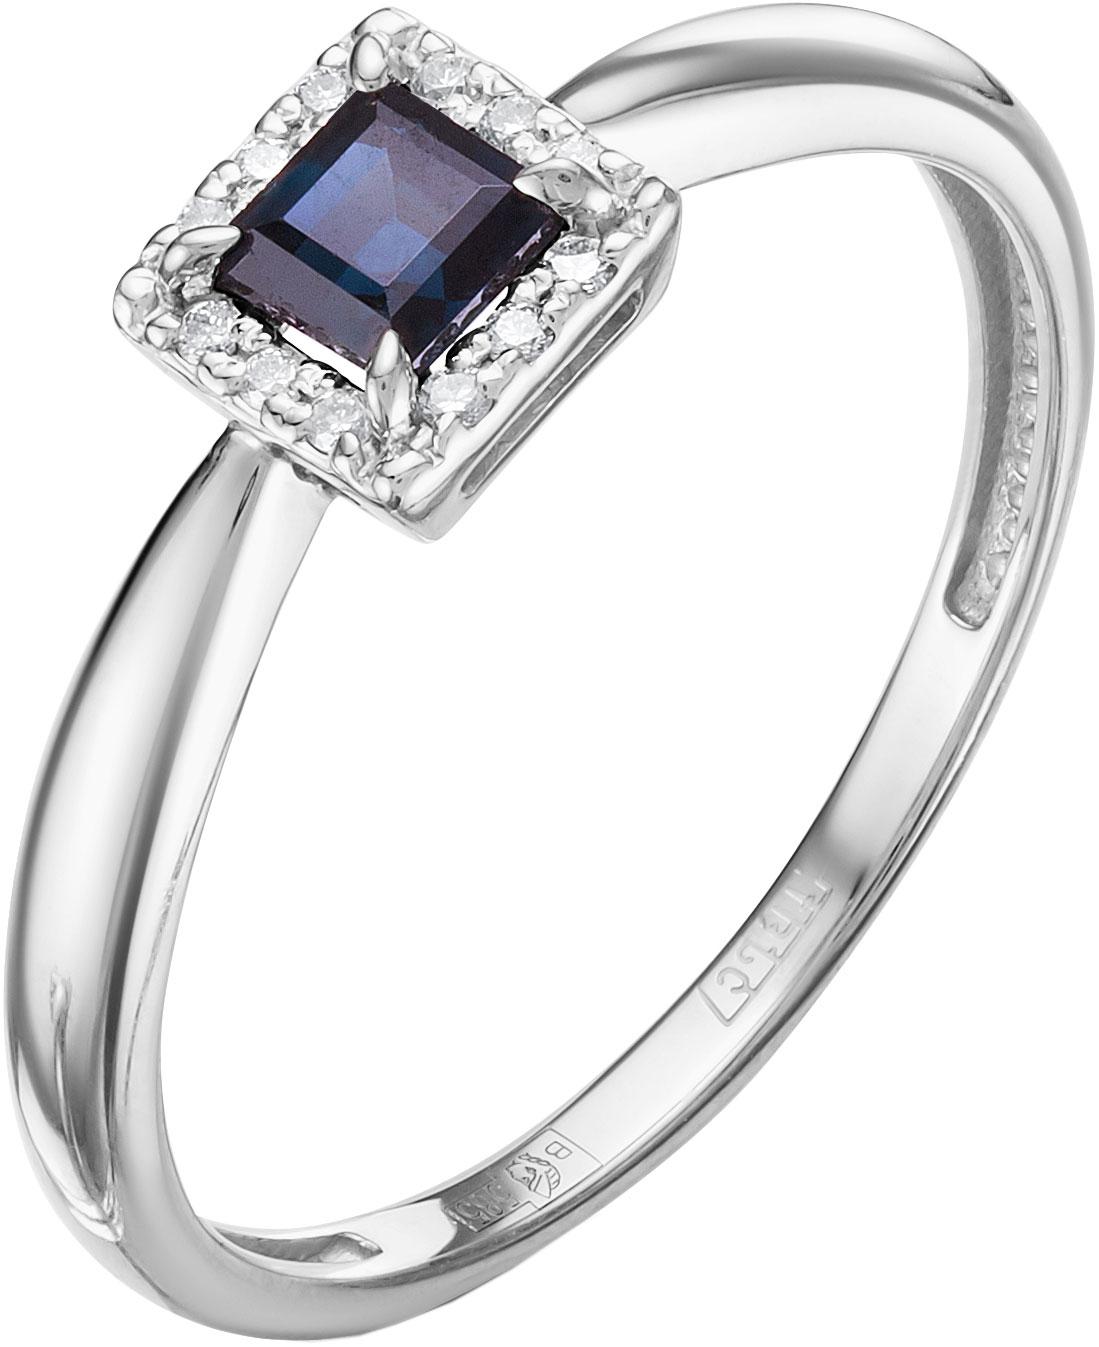 Кольца Vesna jewelry 1027-251-13-00